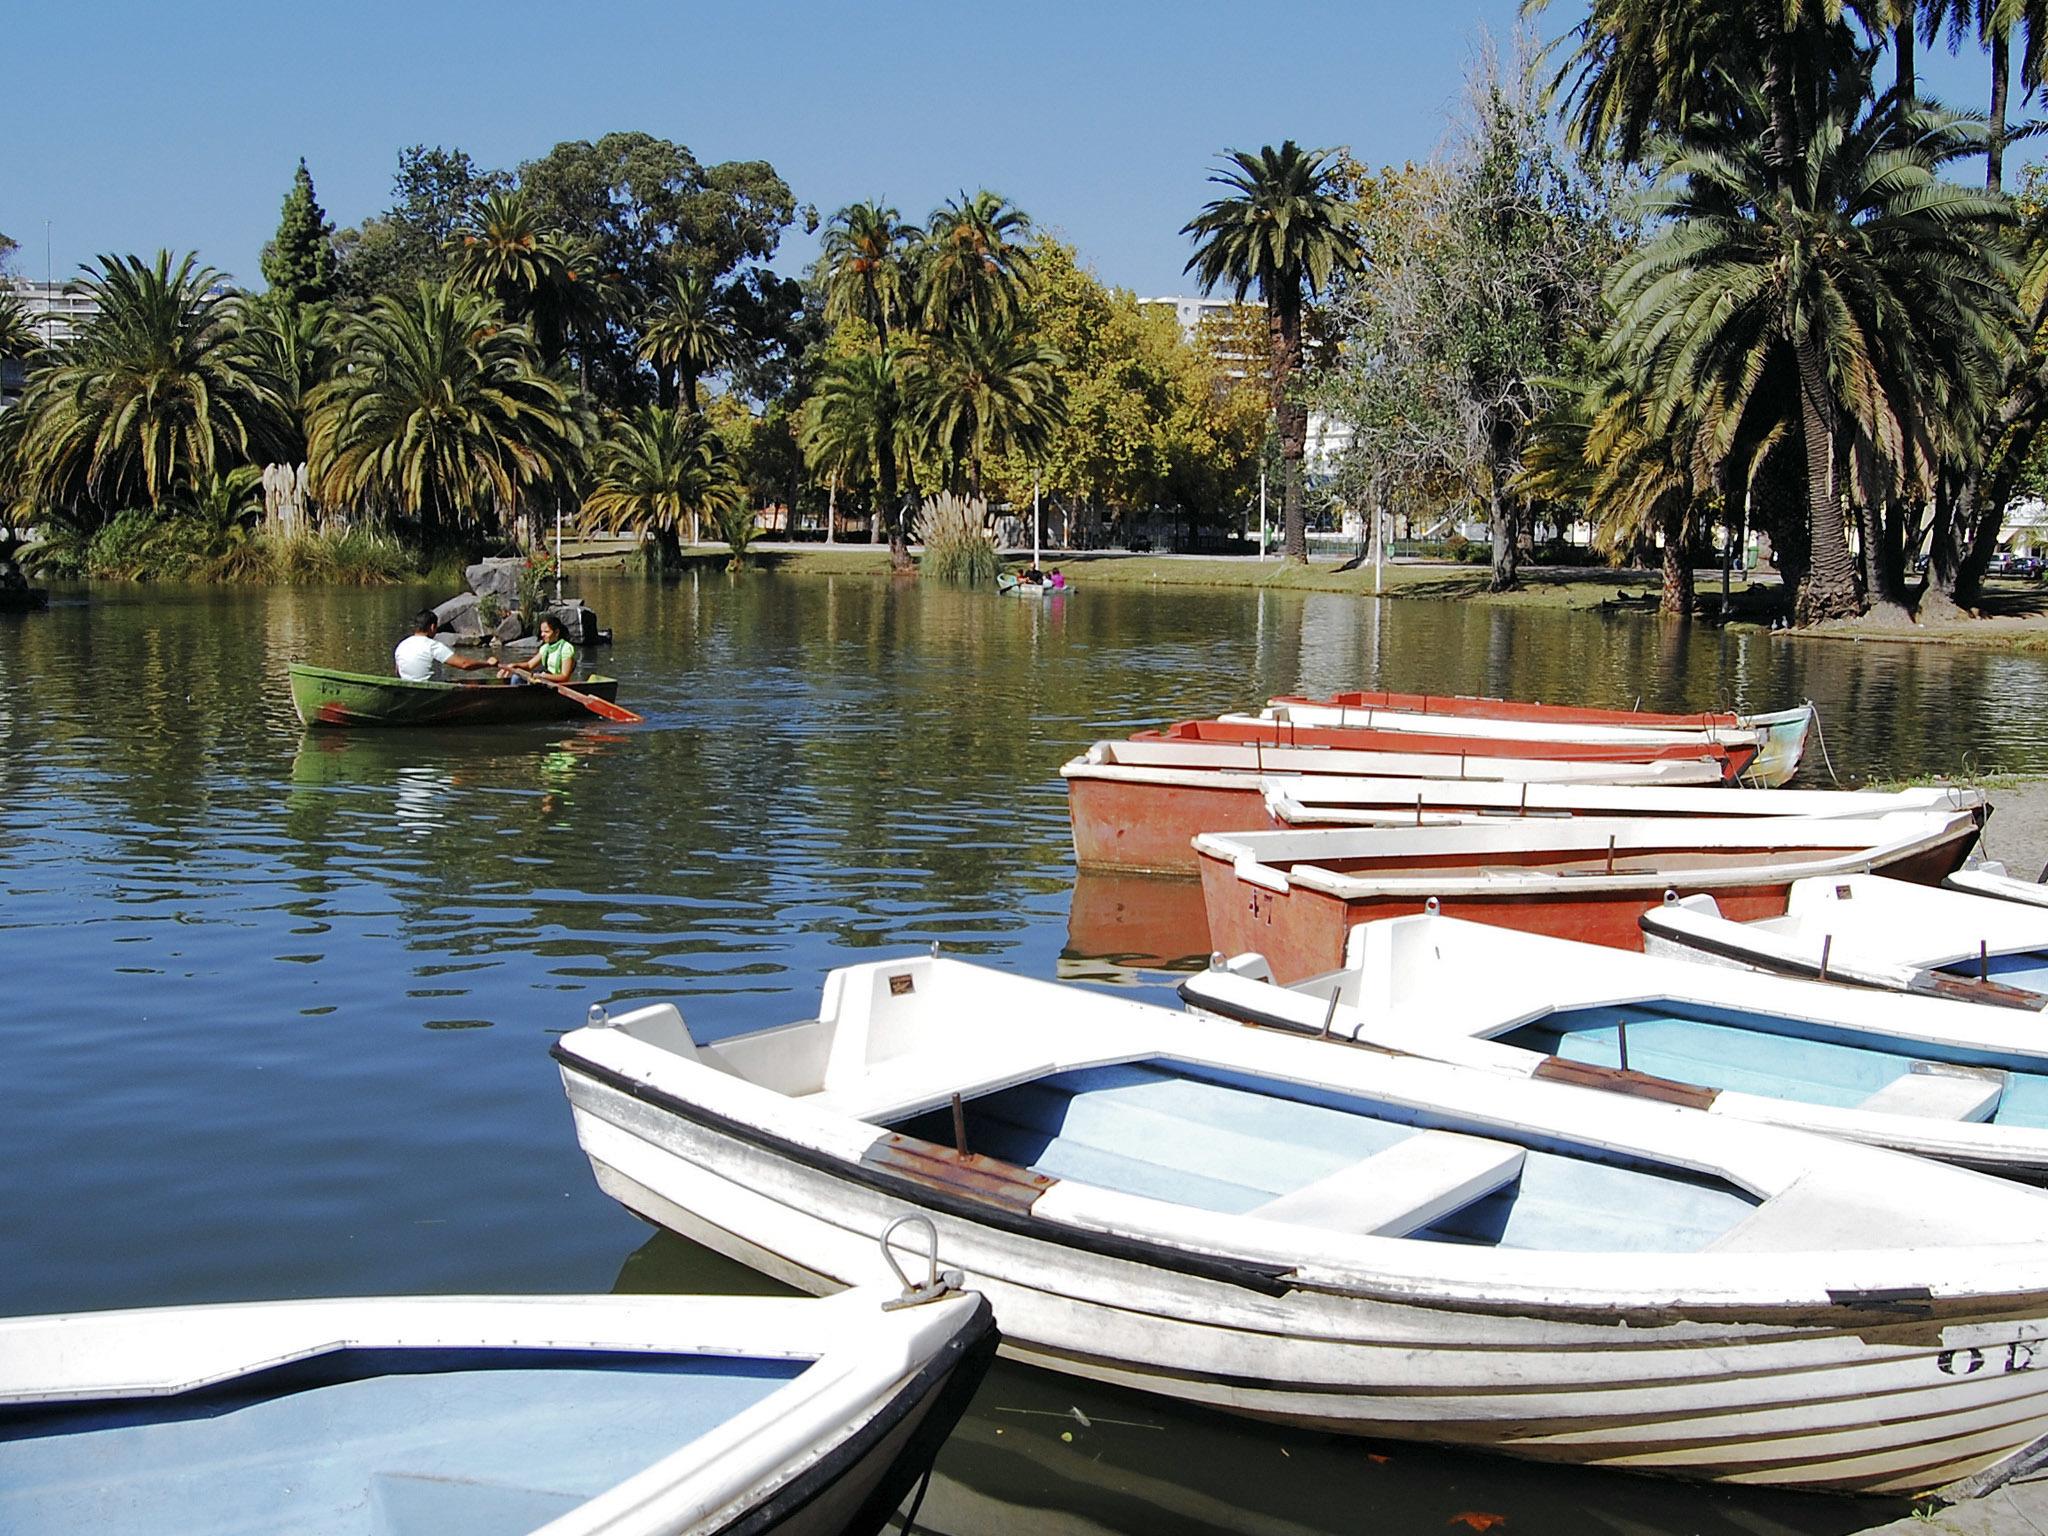 Barcos a remos no jardim do campo grande